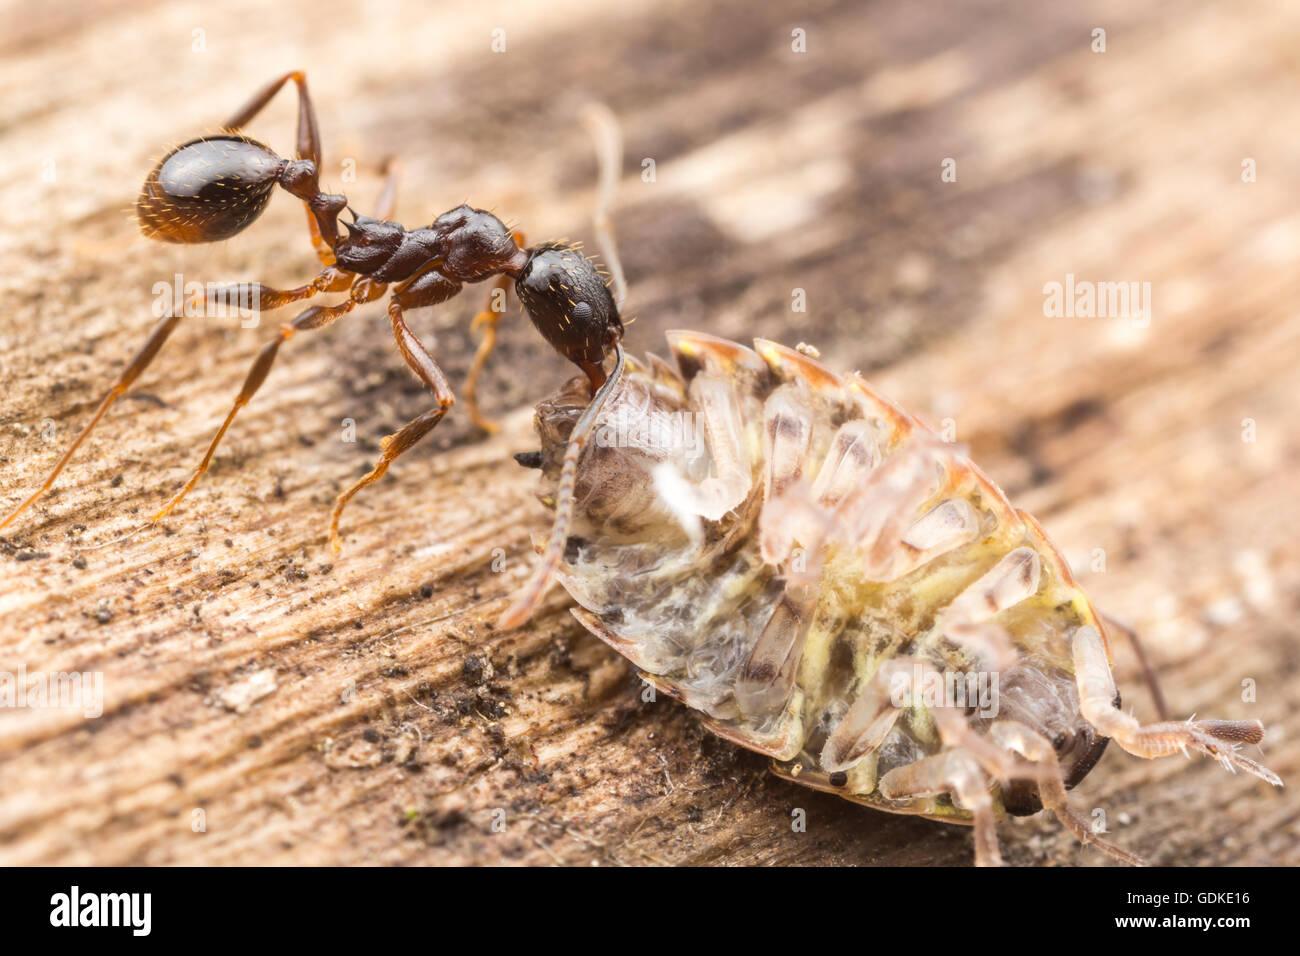 Un Spine-con cintura hormiga Aphaenogaster (picea) lleva su vetusta, una comida común Woodlouse seccionado, Imagen De Stock